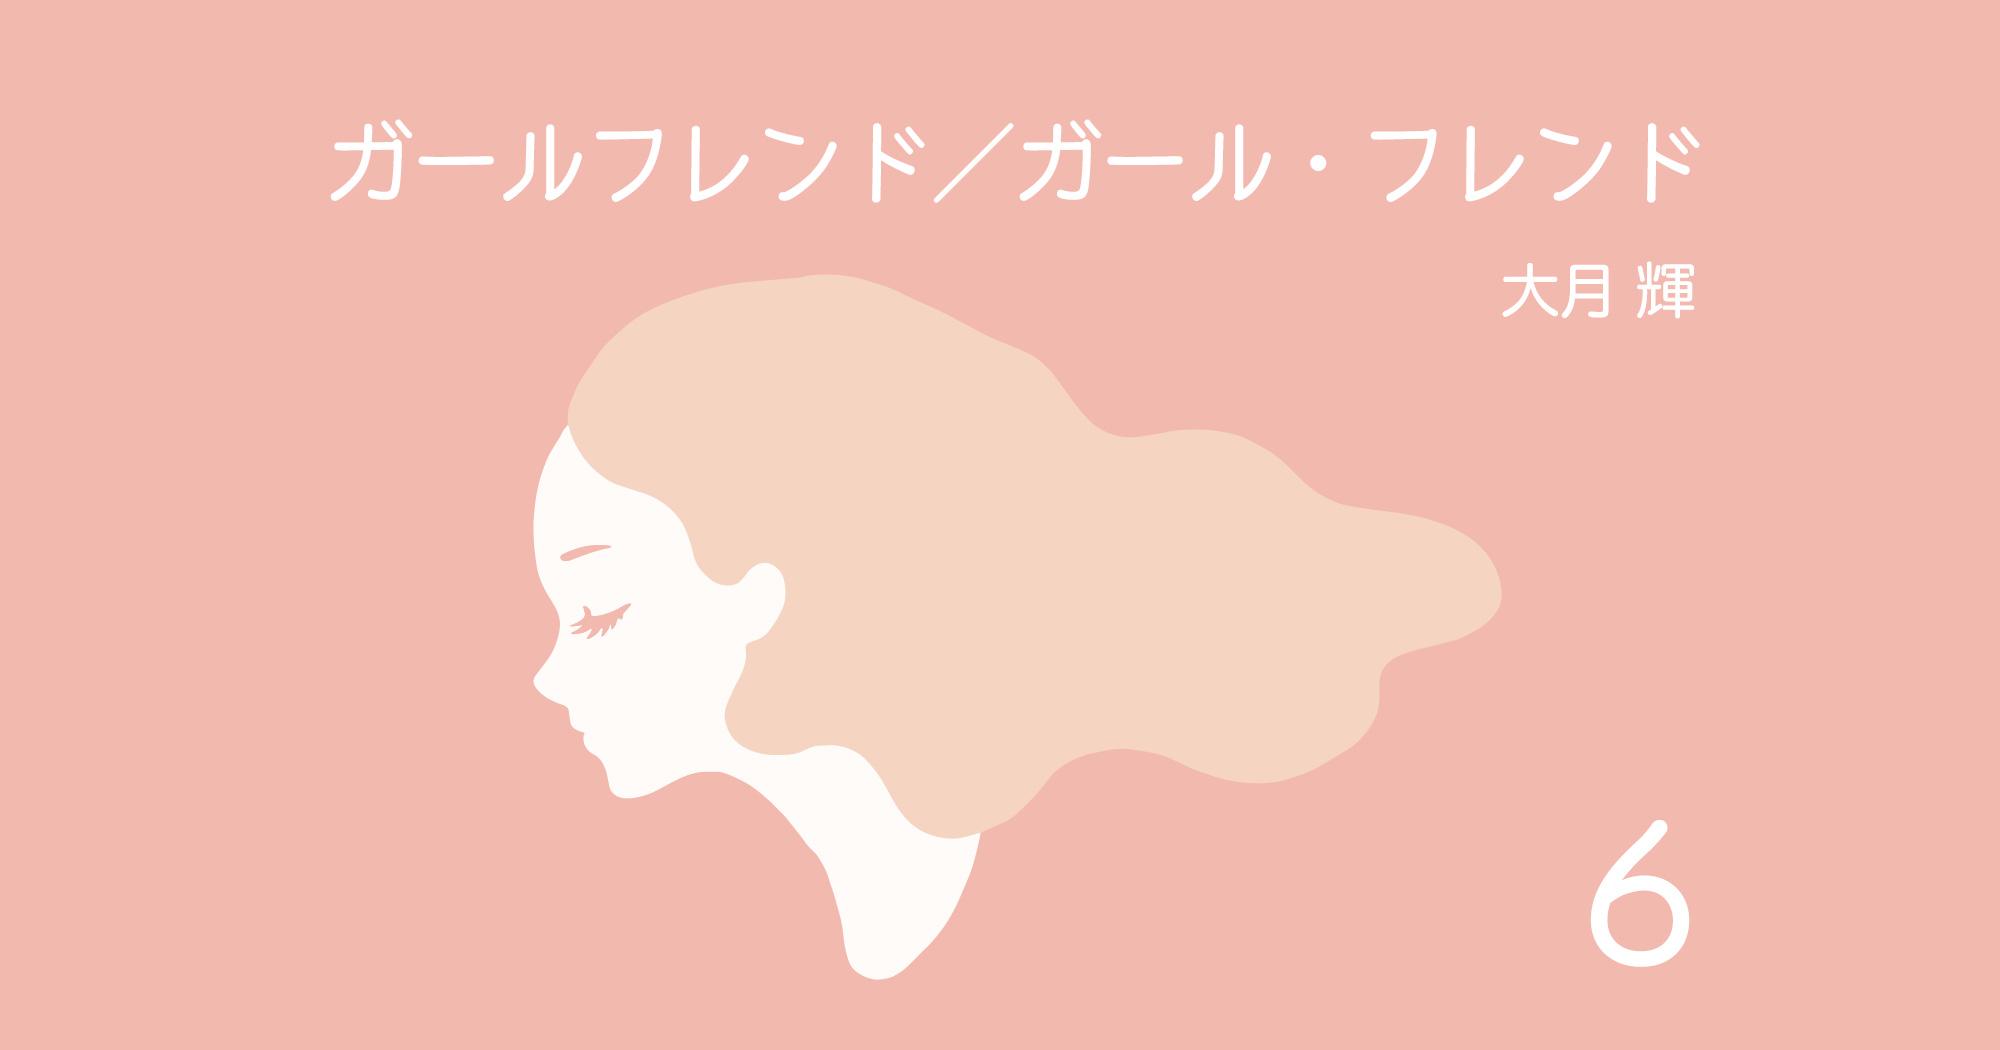 ガールフレンド/ガール・フレンド - 6